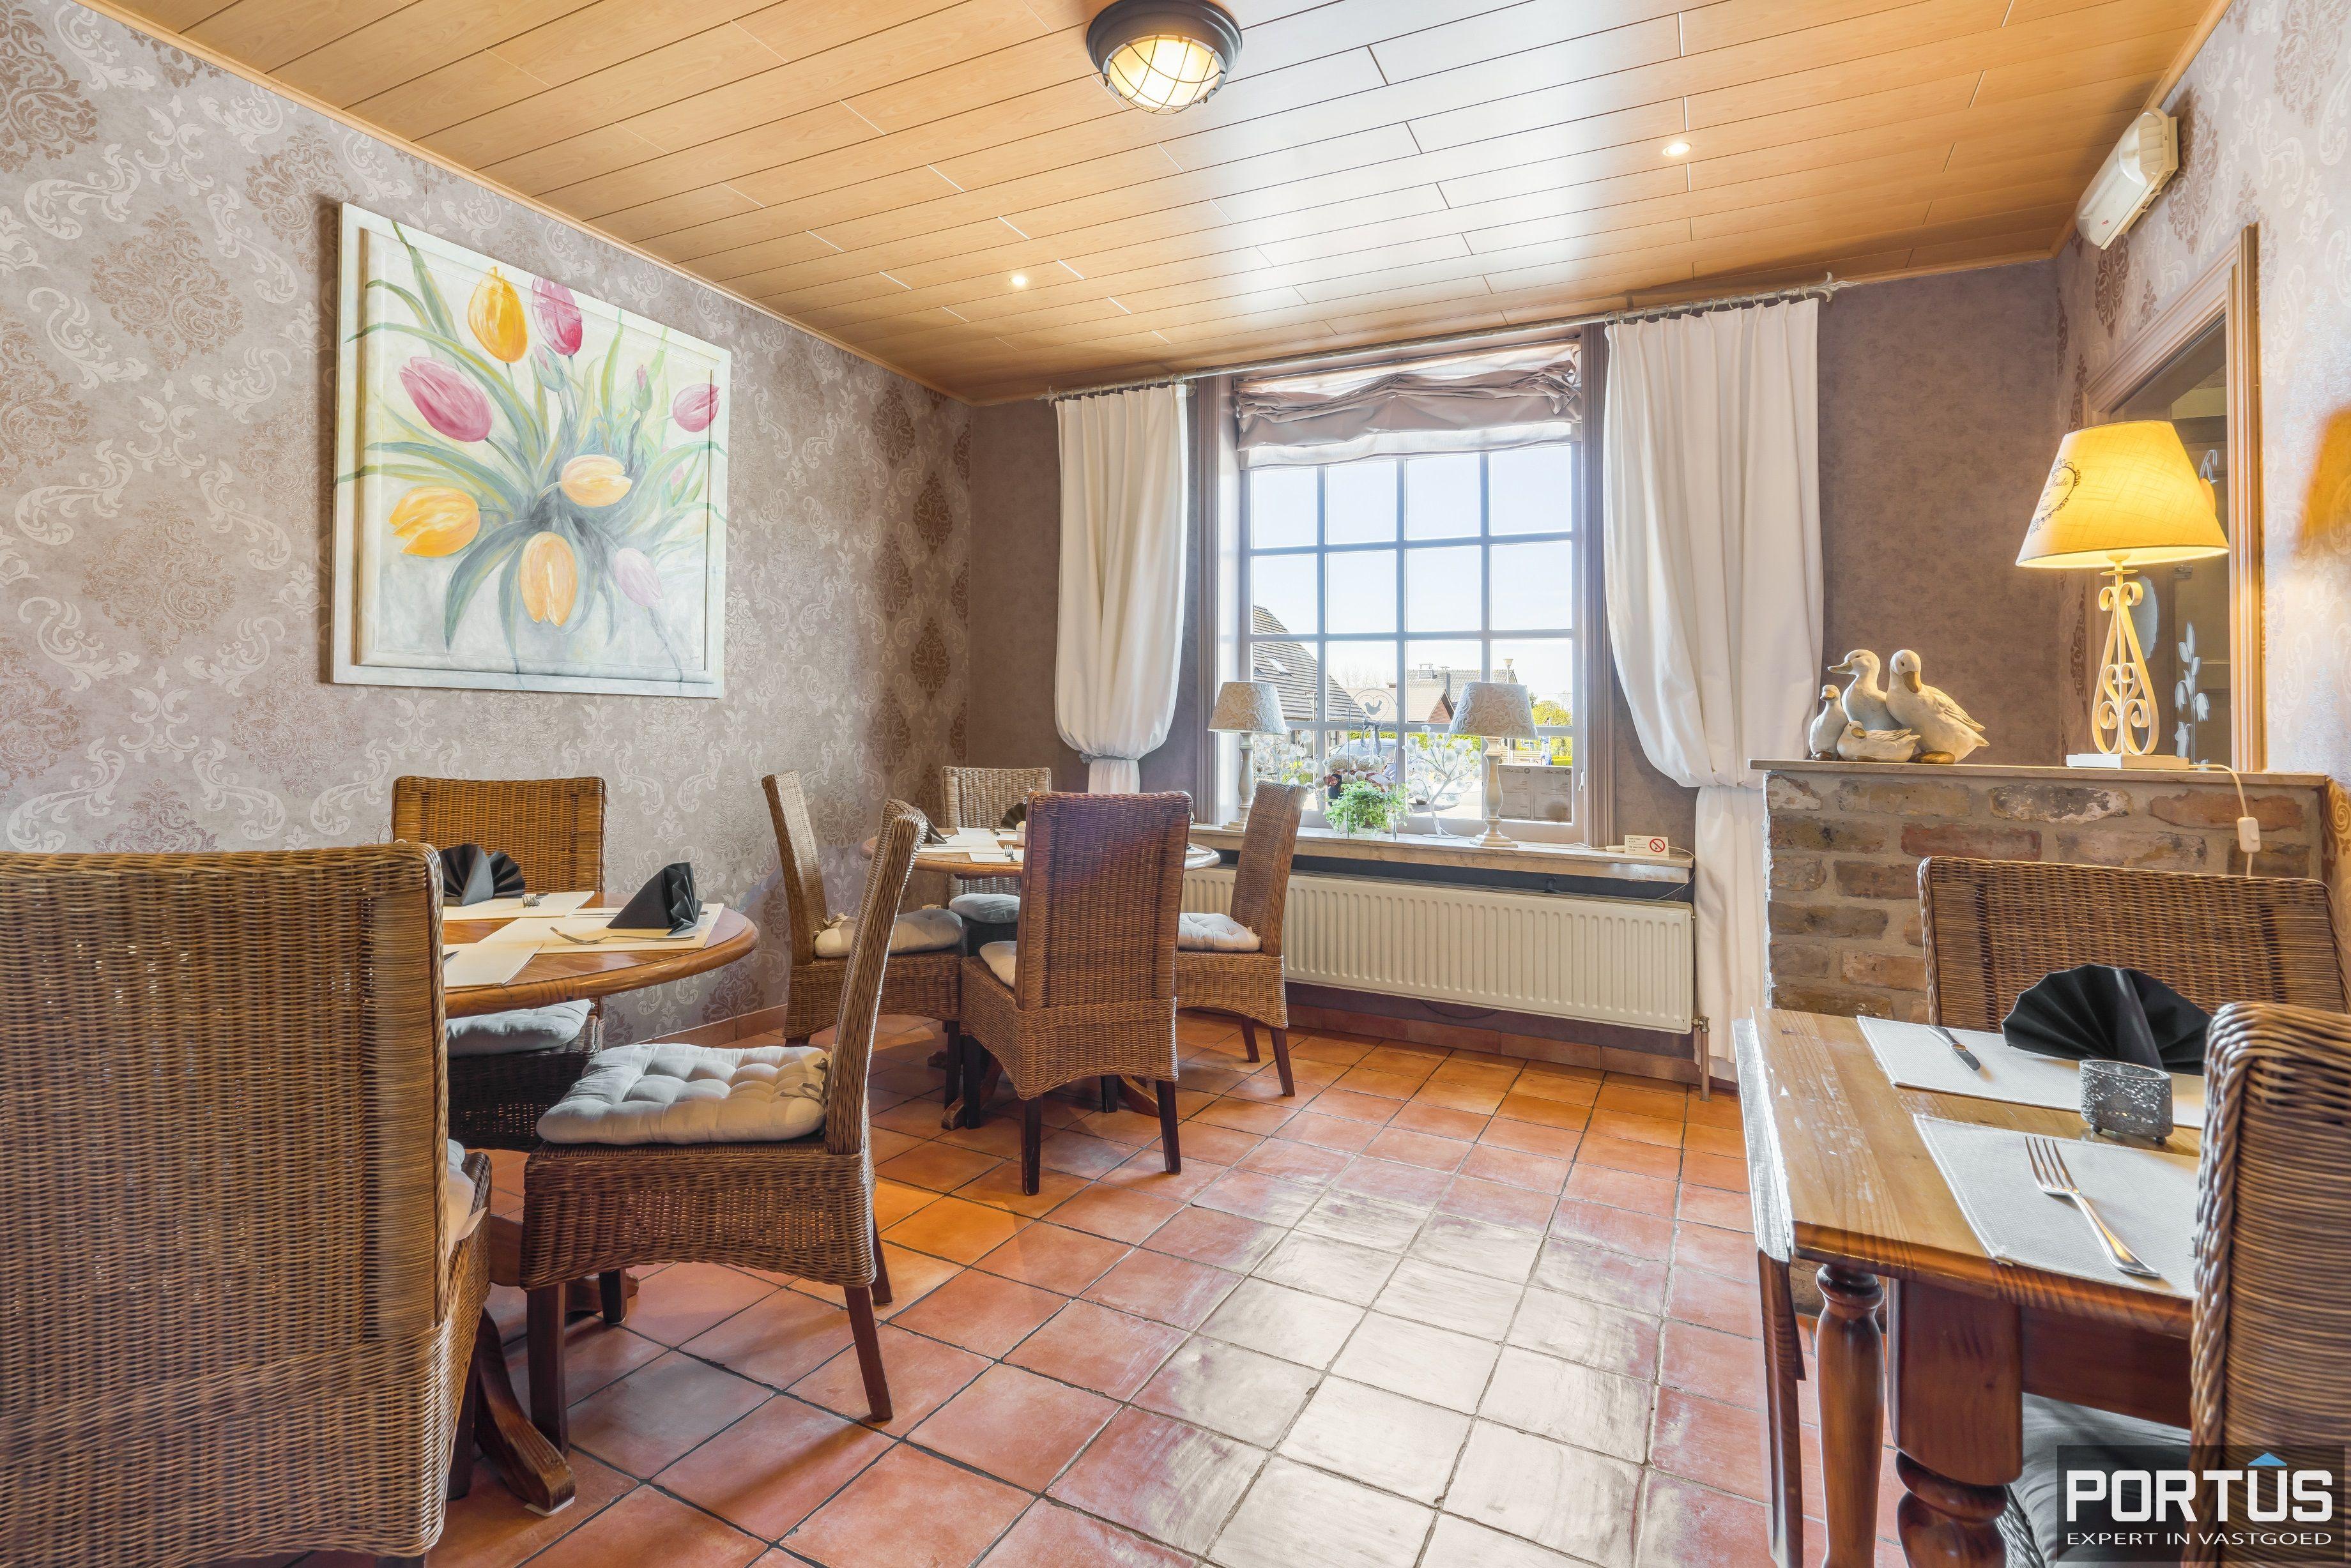 Woning met 2 slaapkamers te koop te Westende - 13407